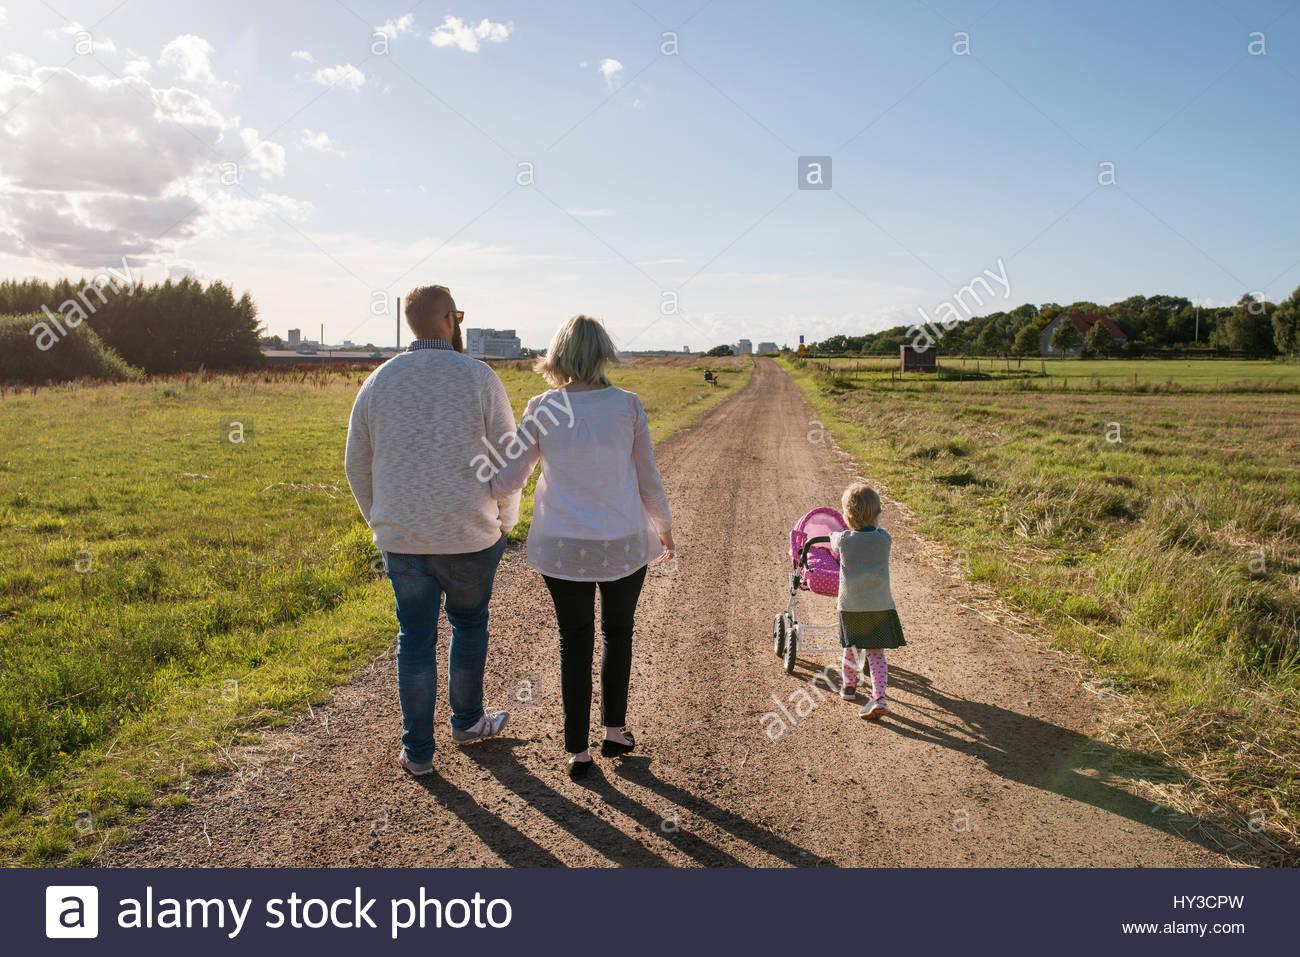 Suecia, padres e hija (2-3) caminando en entorno rural Imagen De Stock